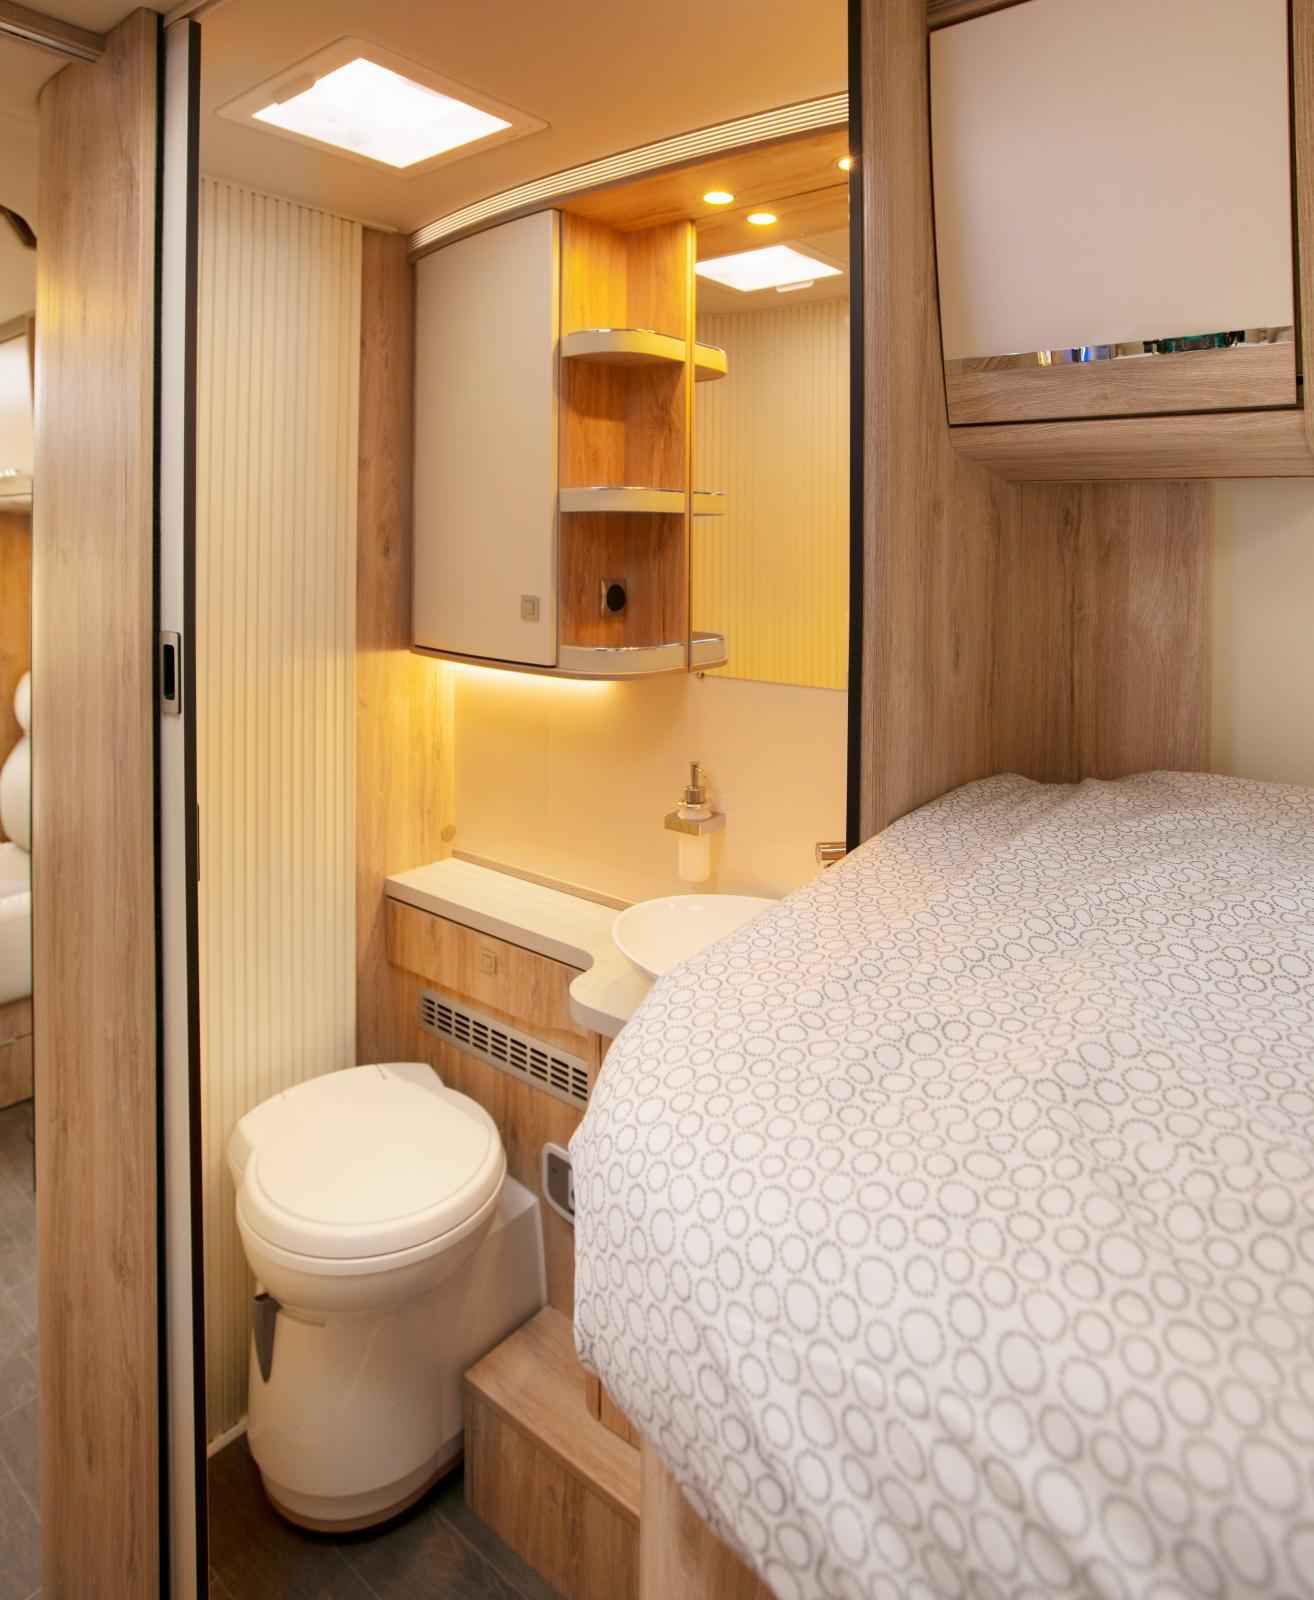 Toaletten har jalusidörr som kan skallra under färd.